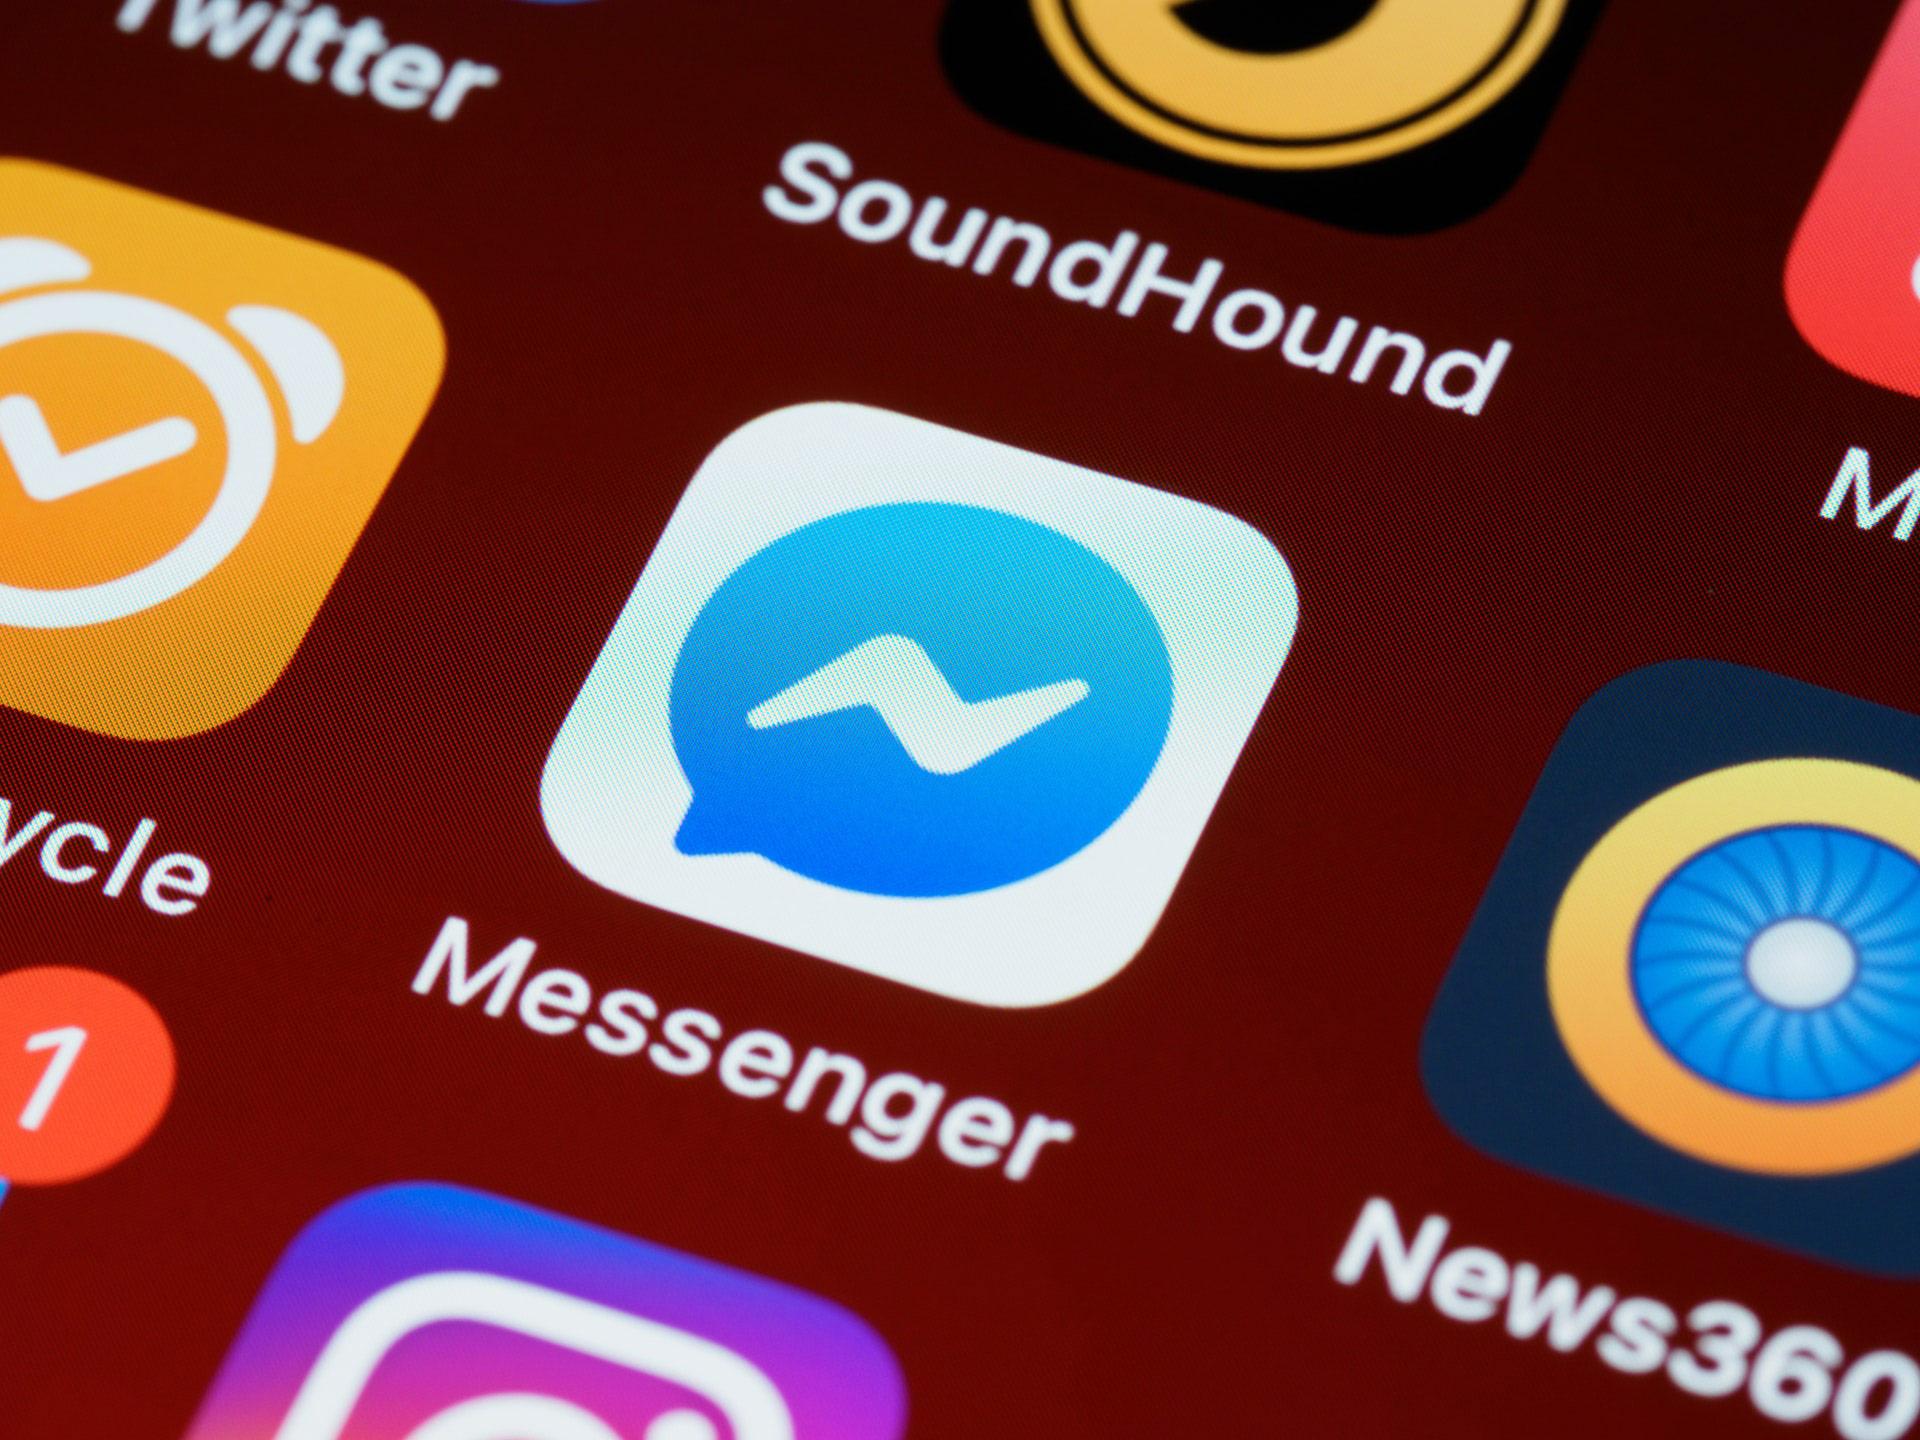 F8 2021: Facebook Login stödjer snart Messenger